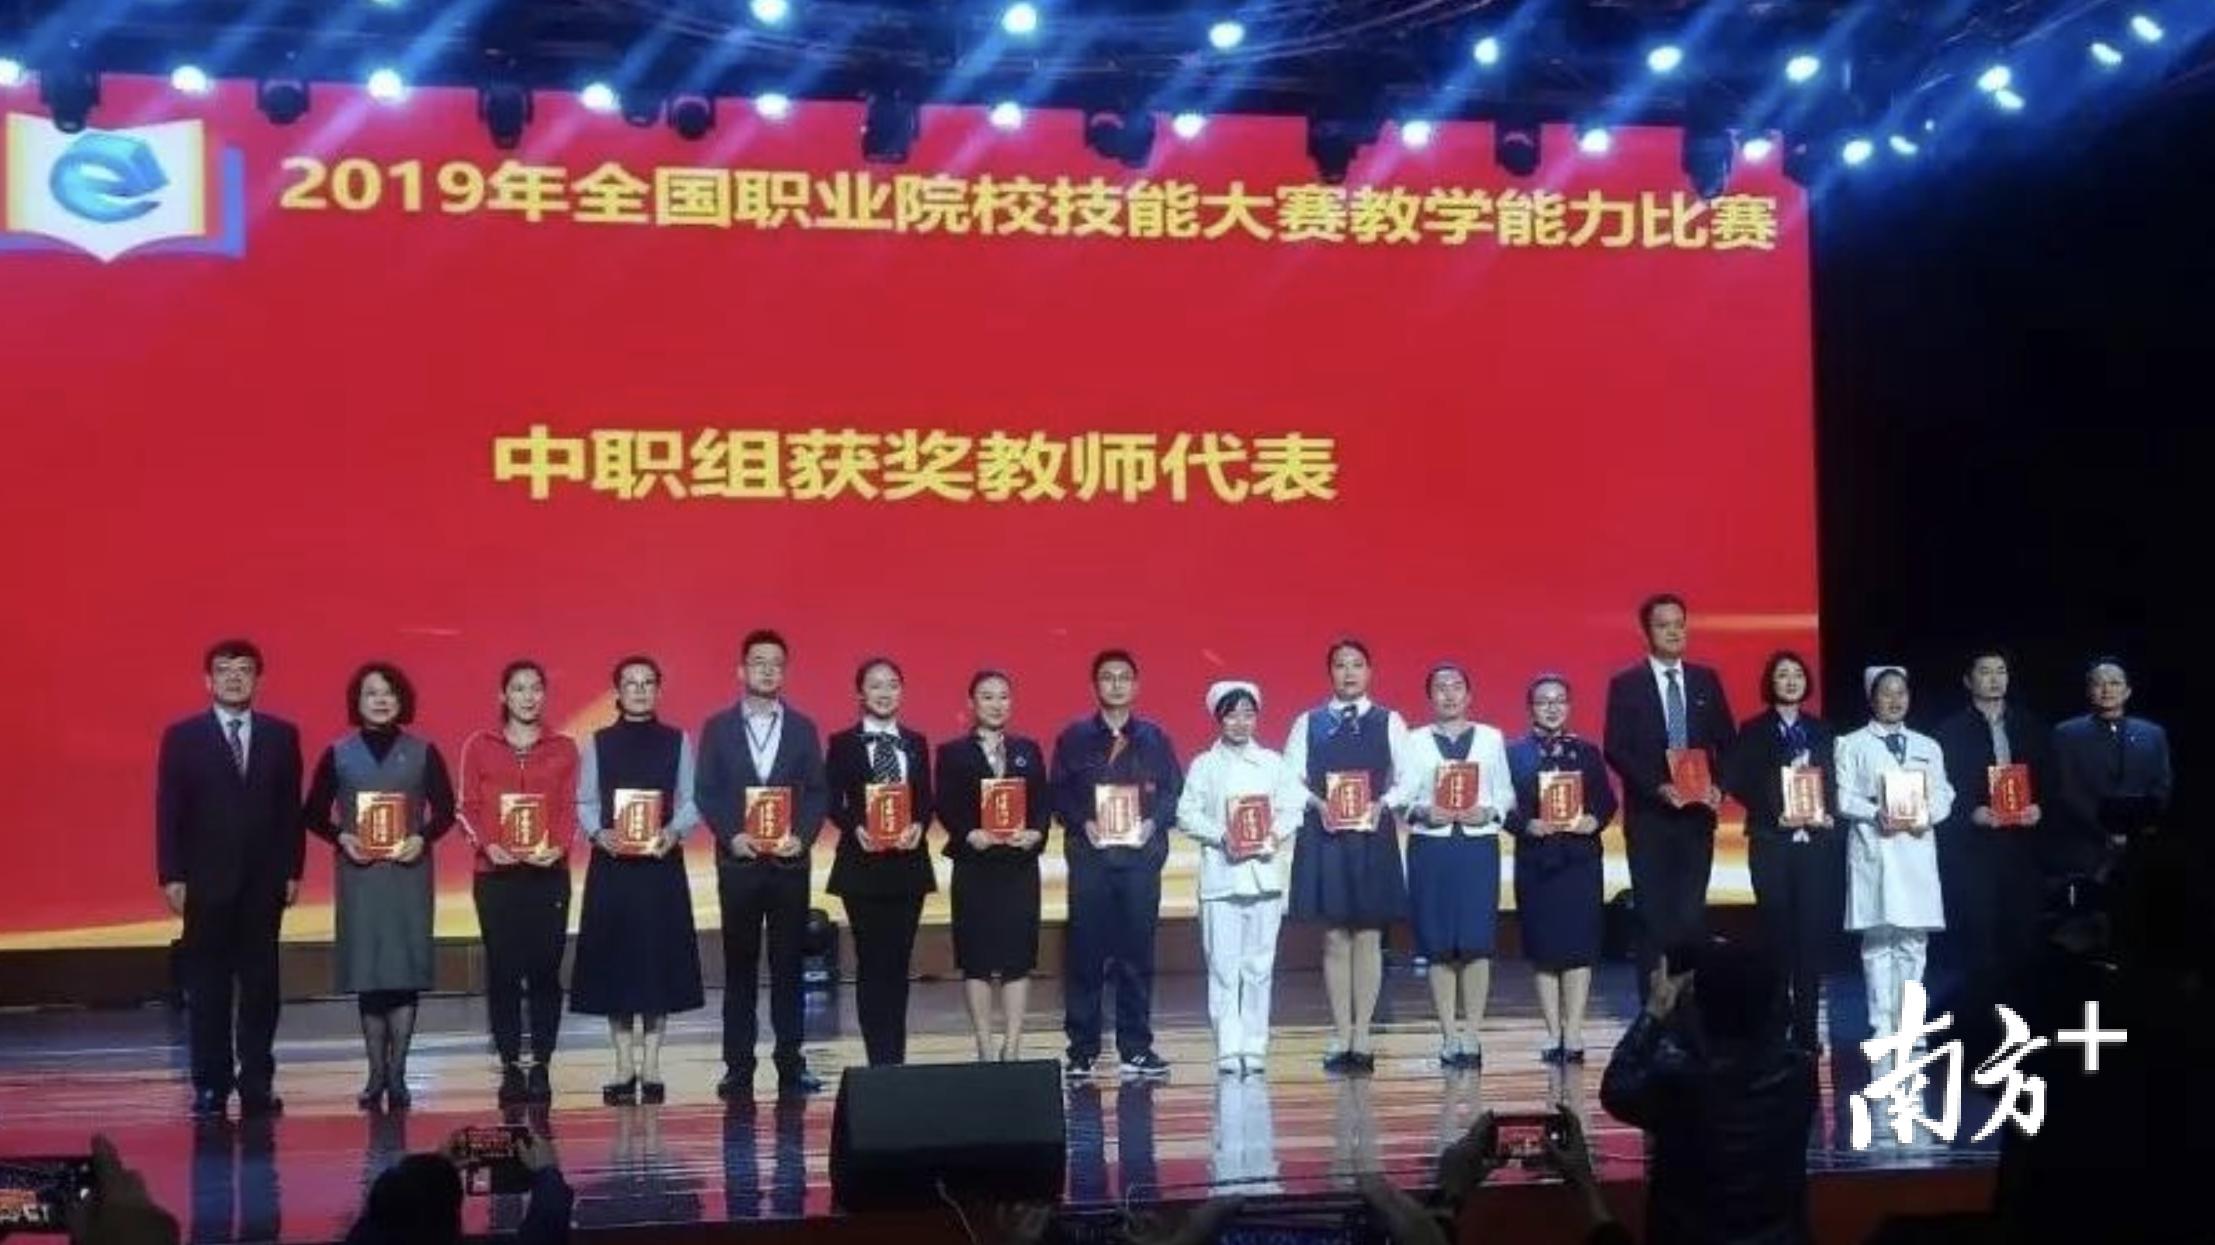 北滘职业技术学院张雪莉老师(右六)代表广东省队上台领奖。受访者供图